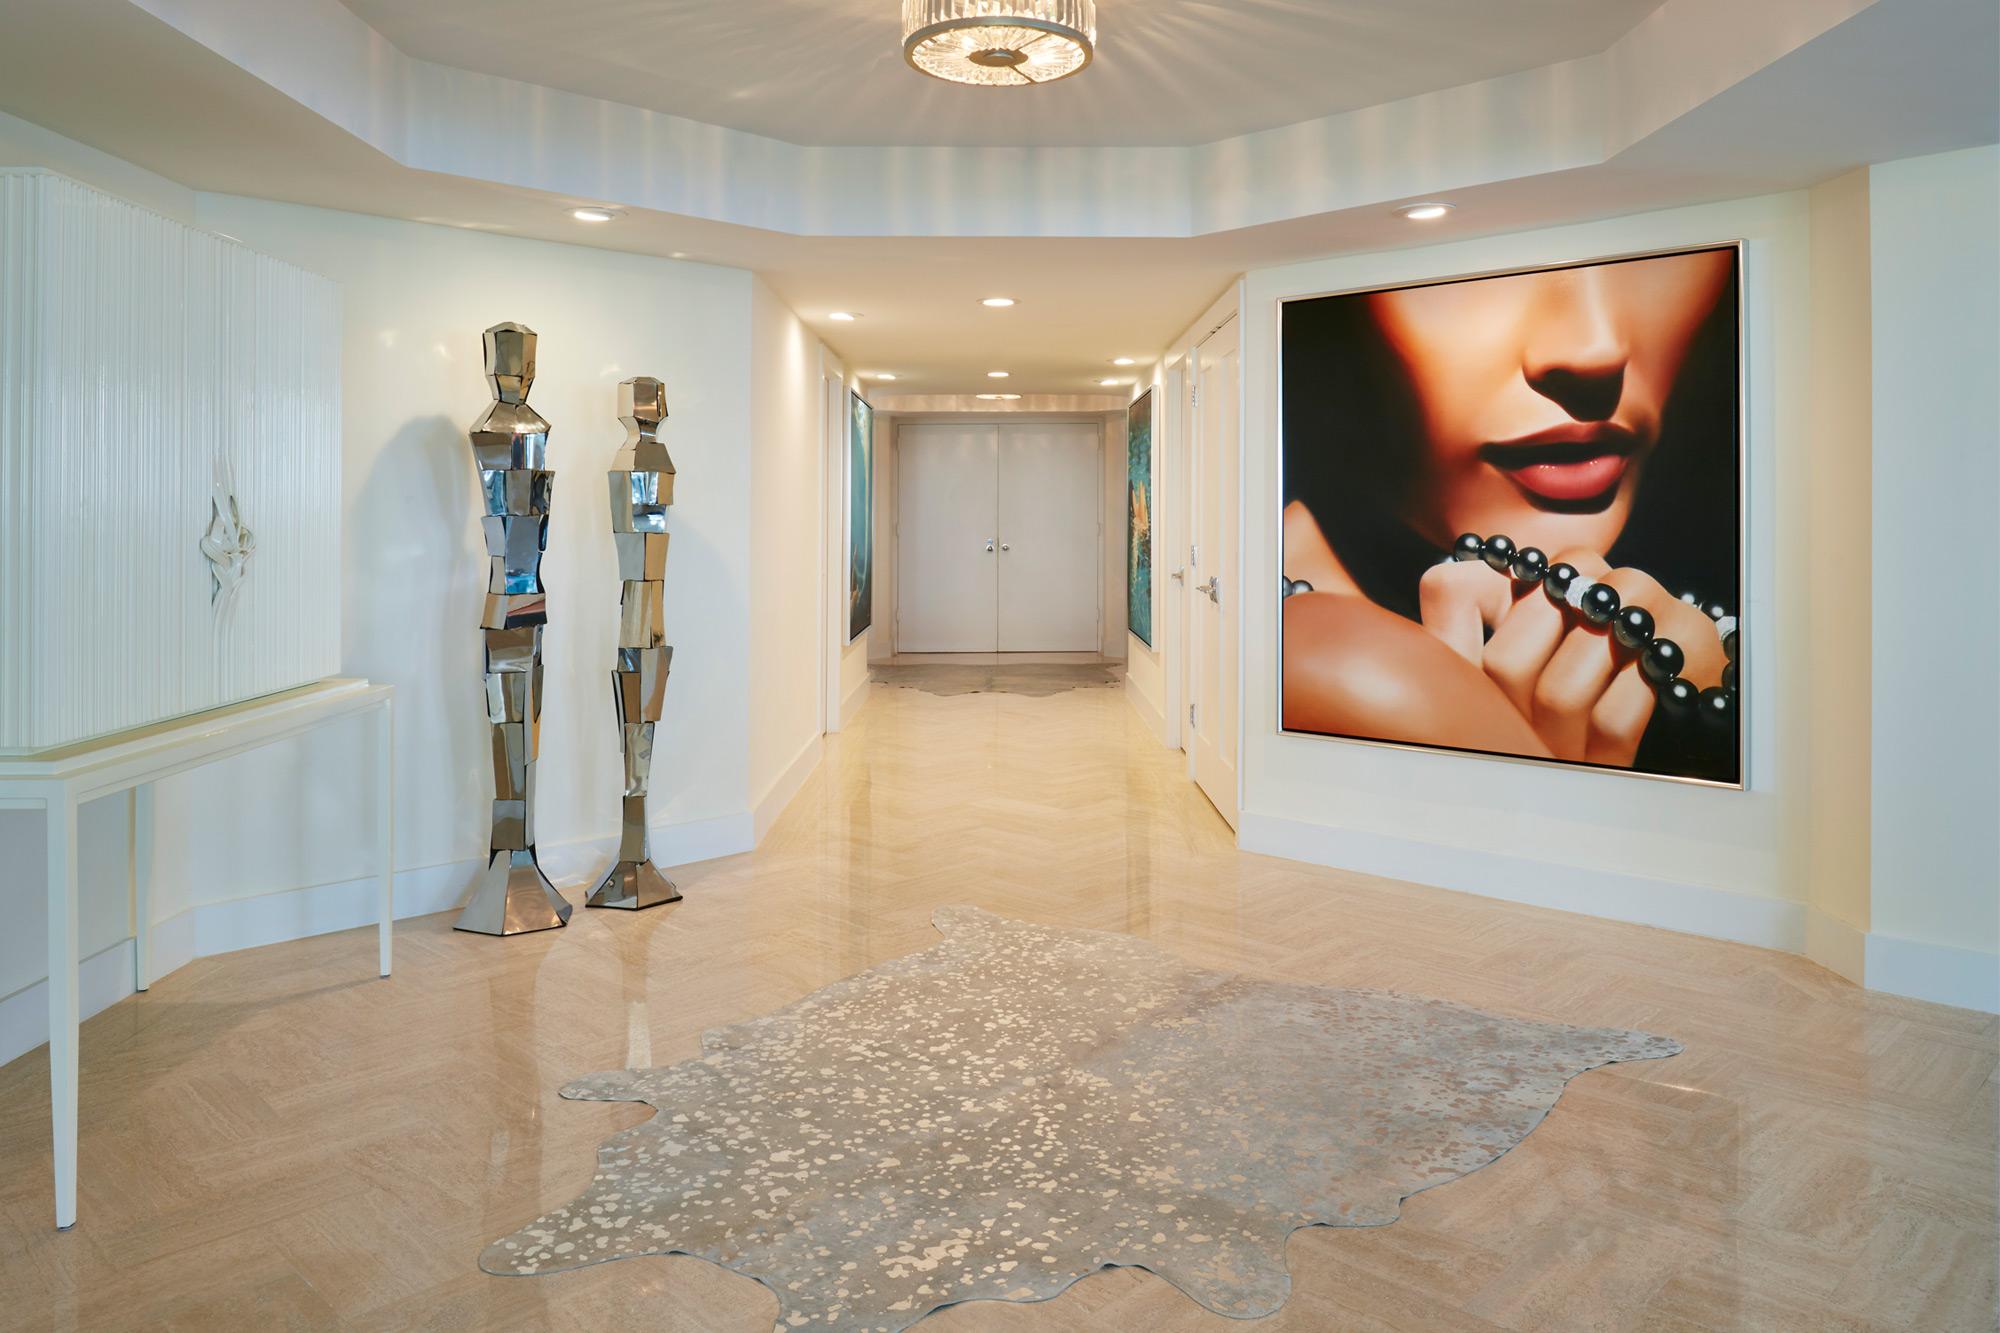 West Palm Beach Interior designer